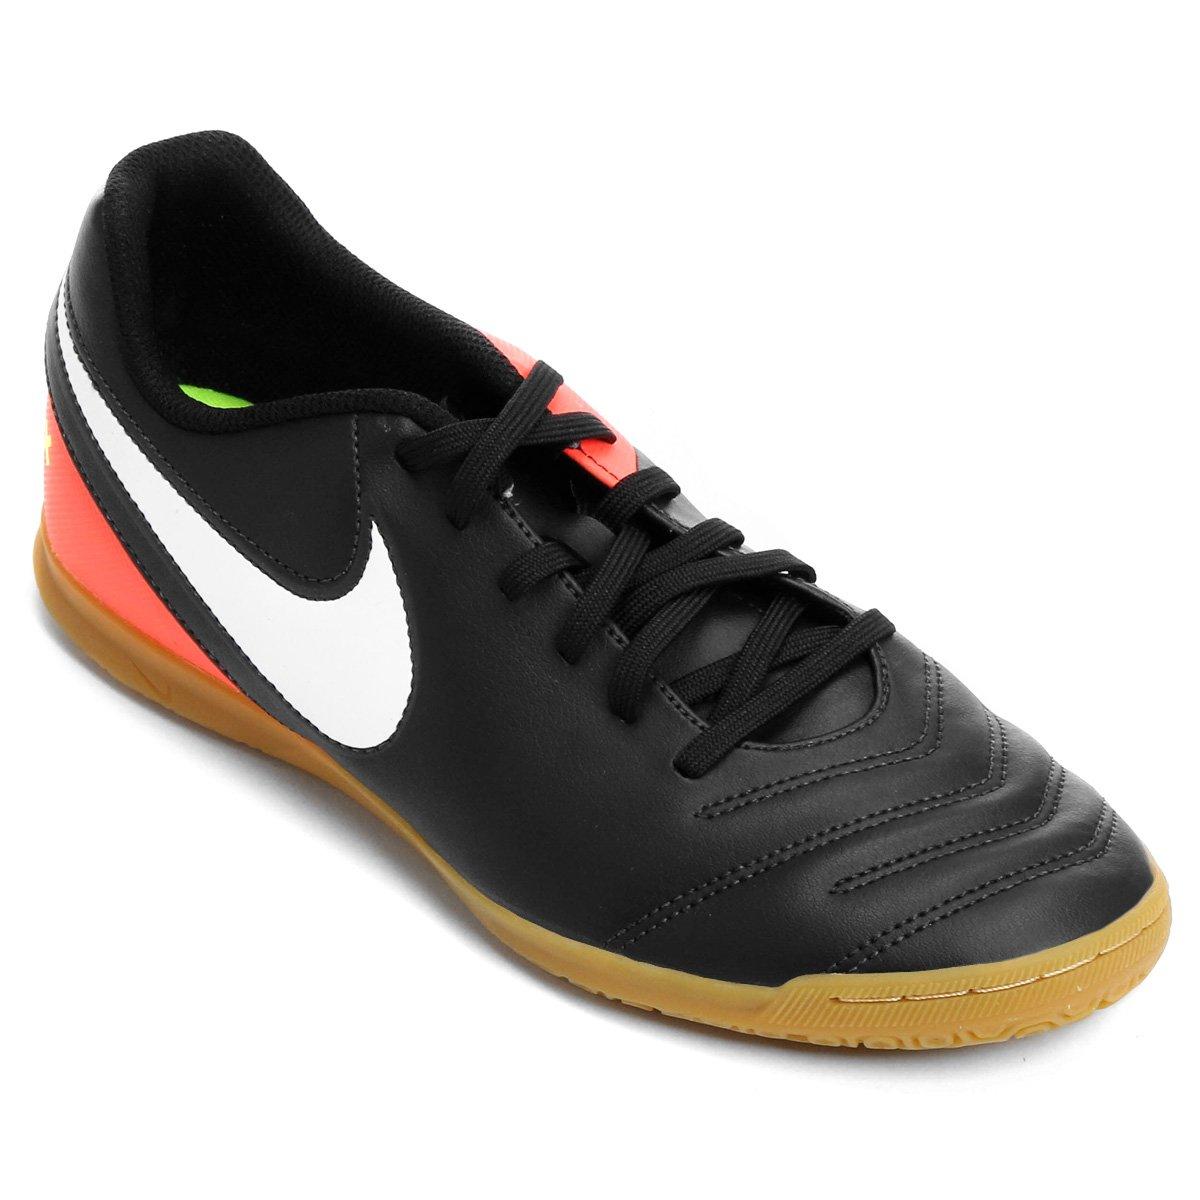 Chuteira Futsal Nike Tiempo Rio 3 IC - Compre Agora  dd71cd03af537